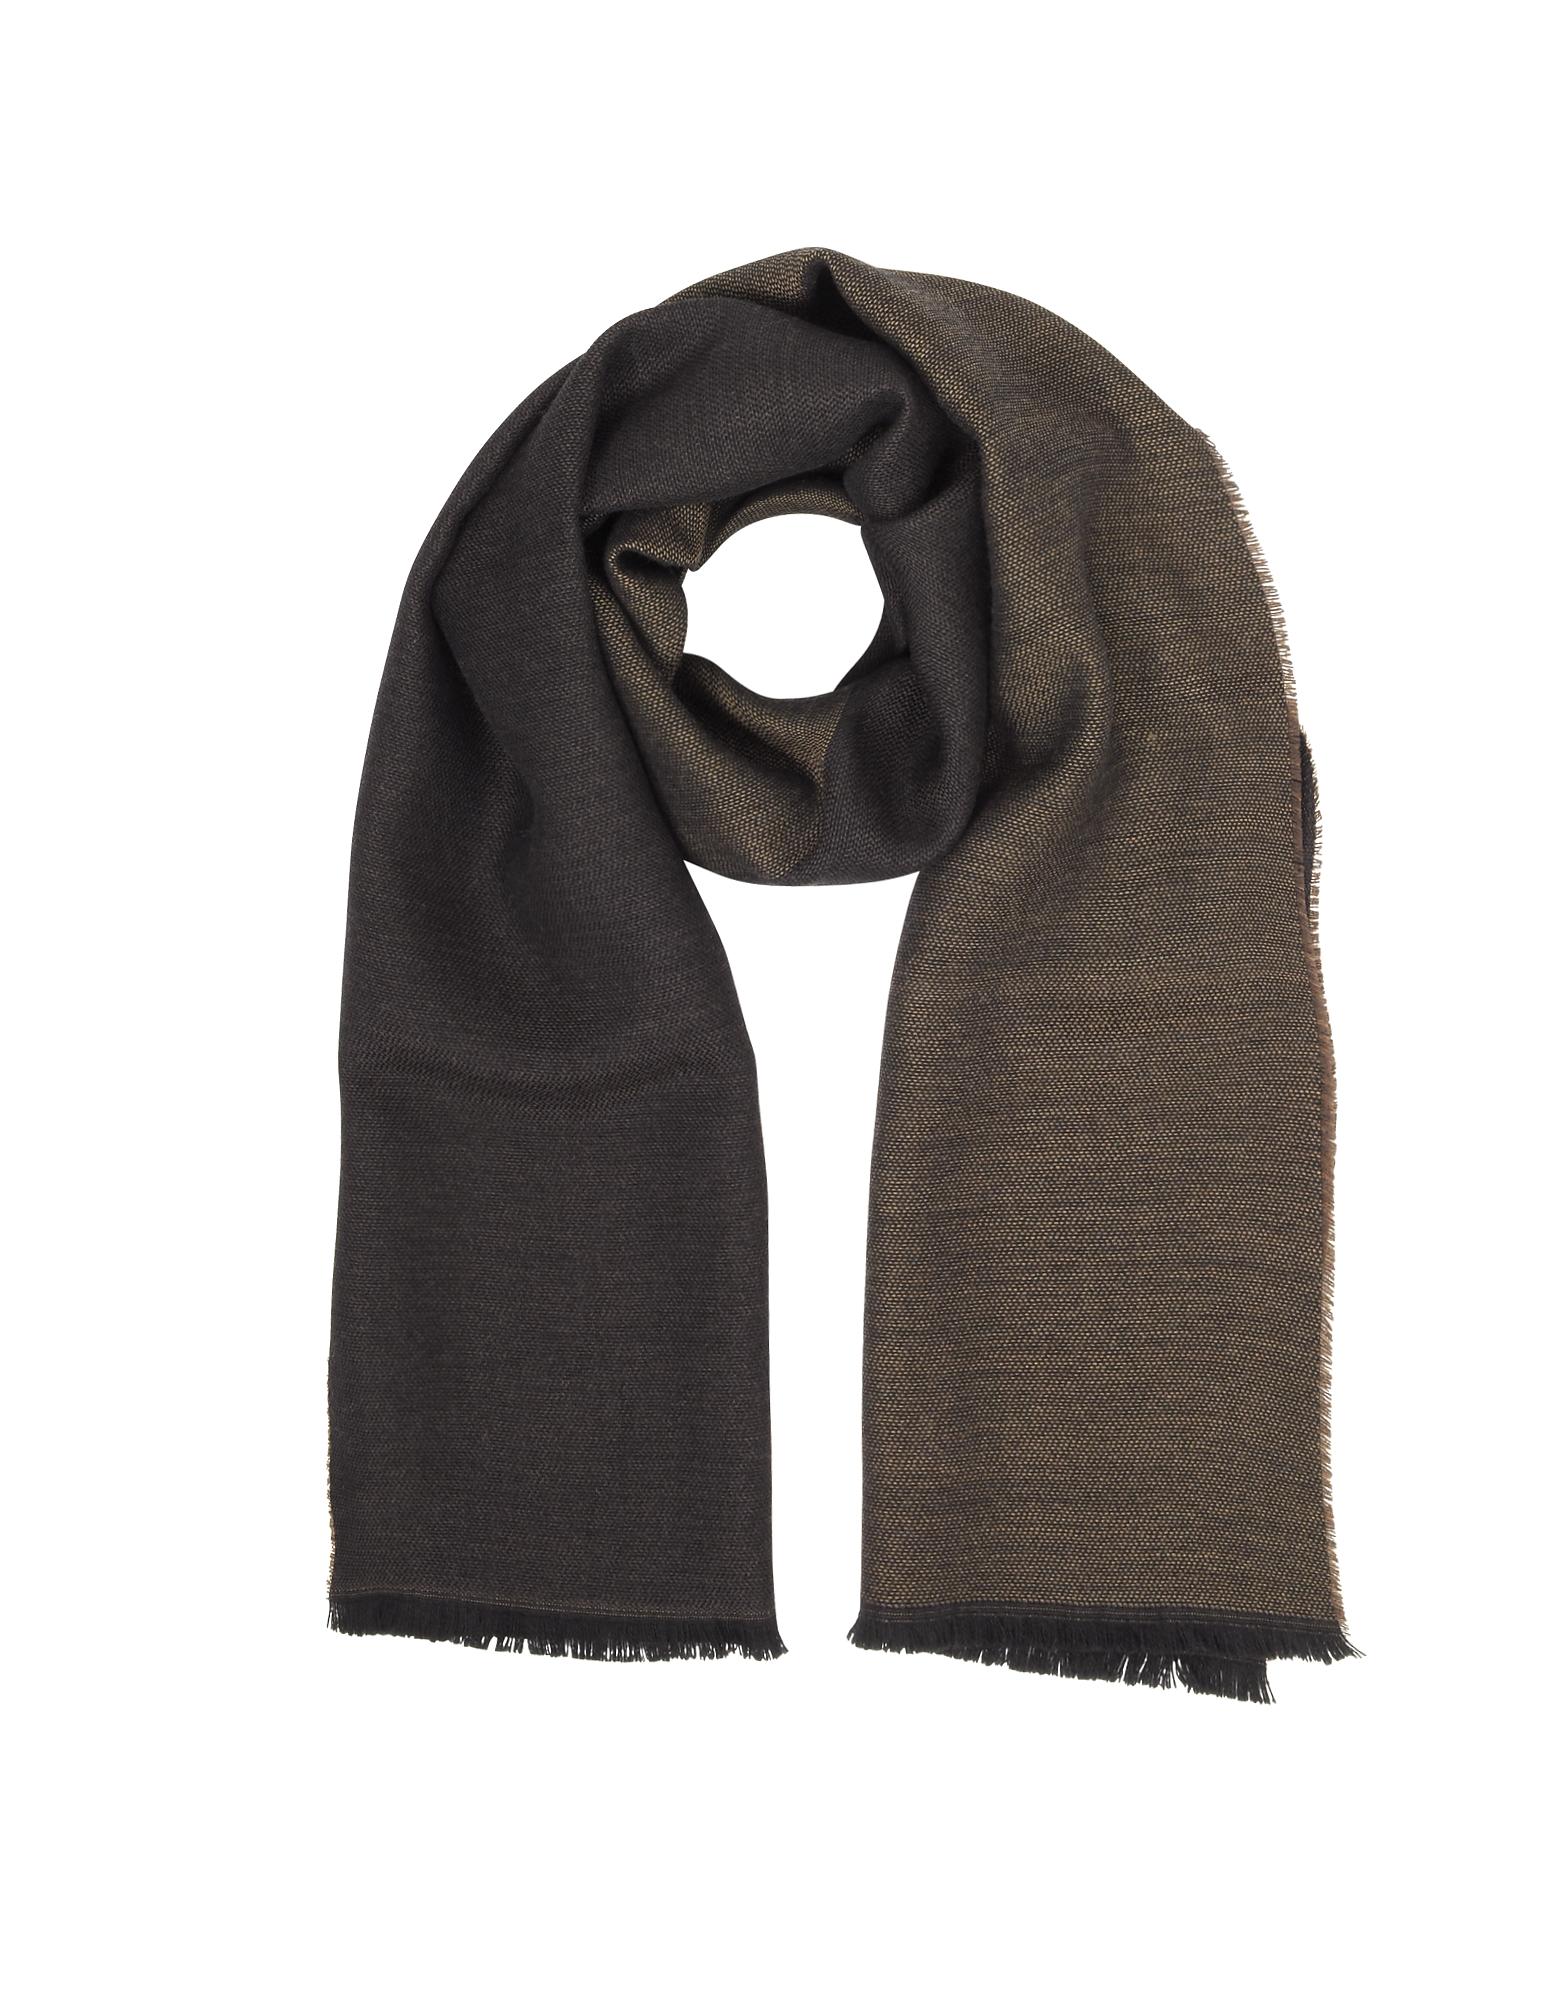 Marina D'Este Men's Scarves, Solid Wool Scarf